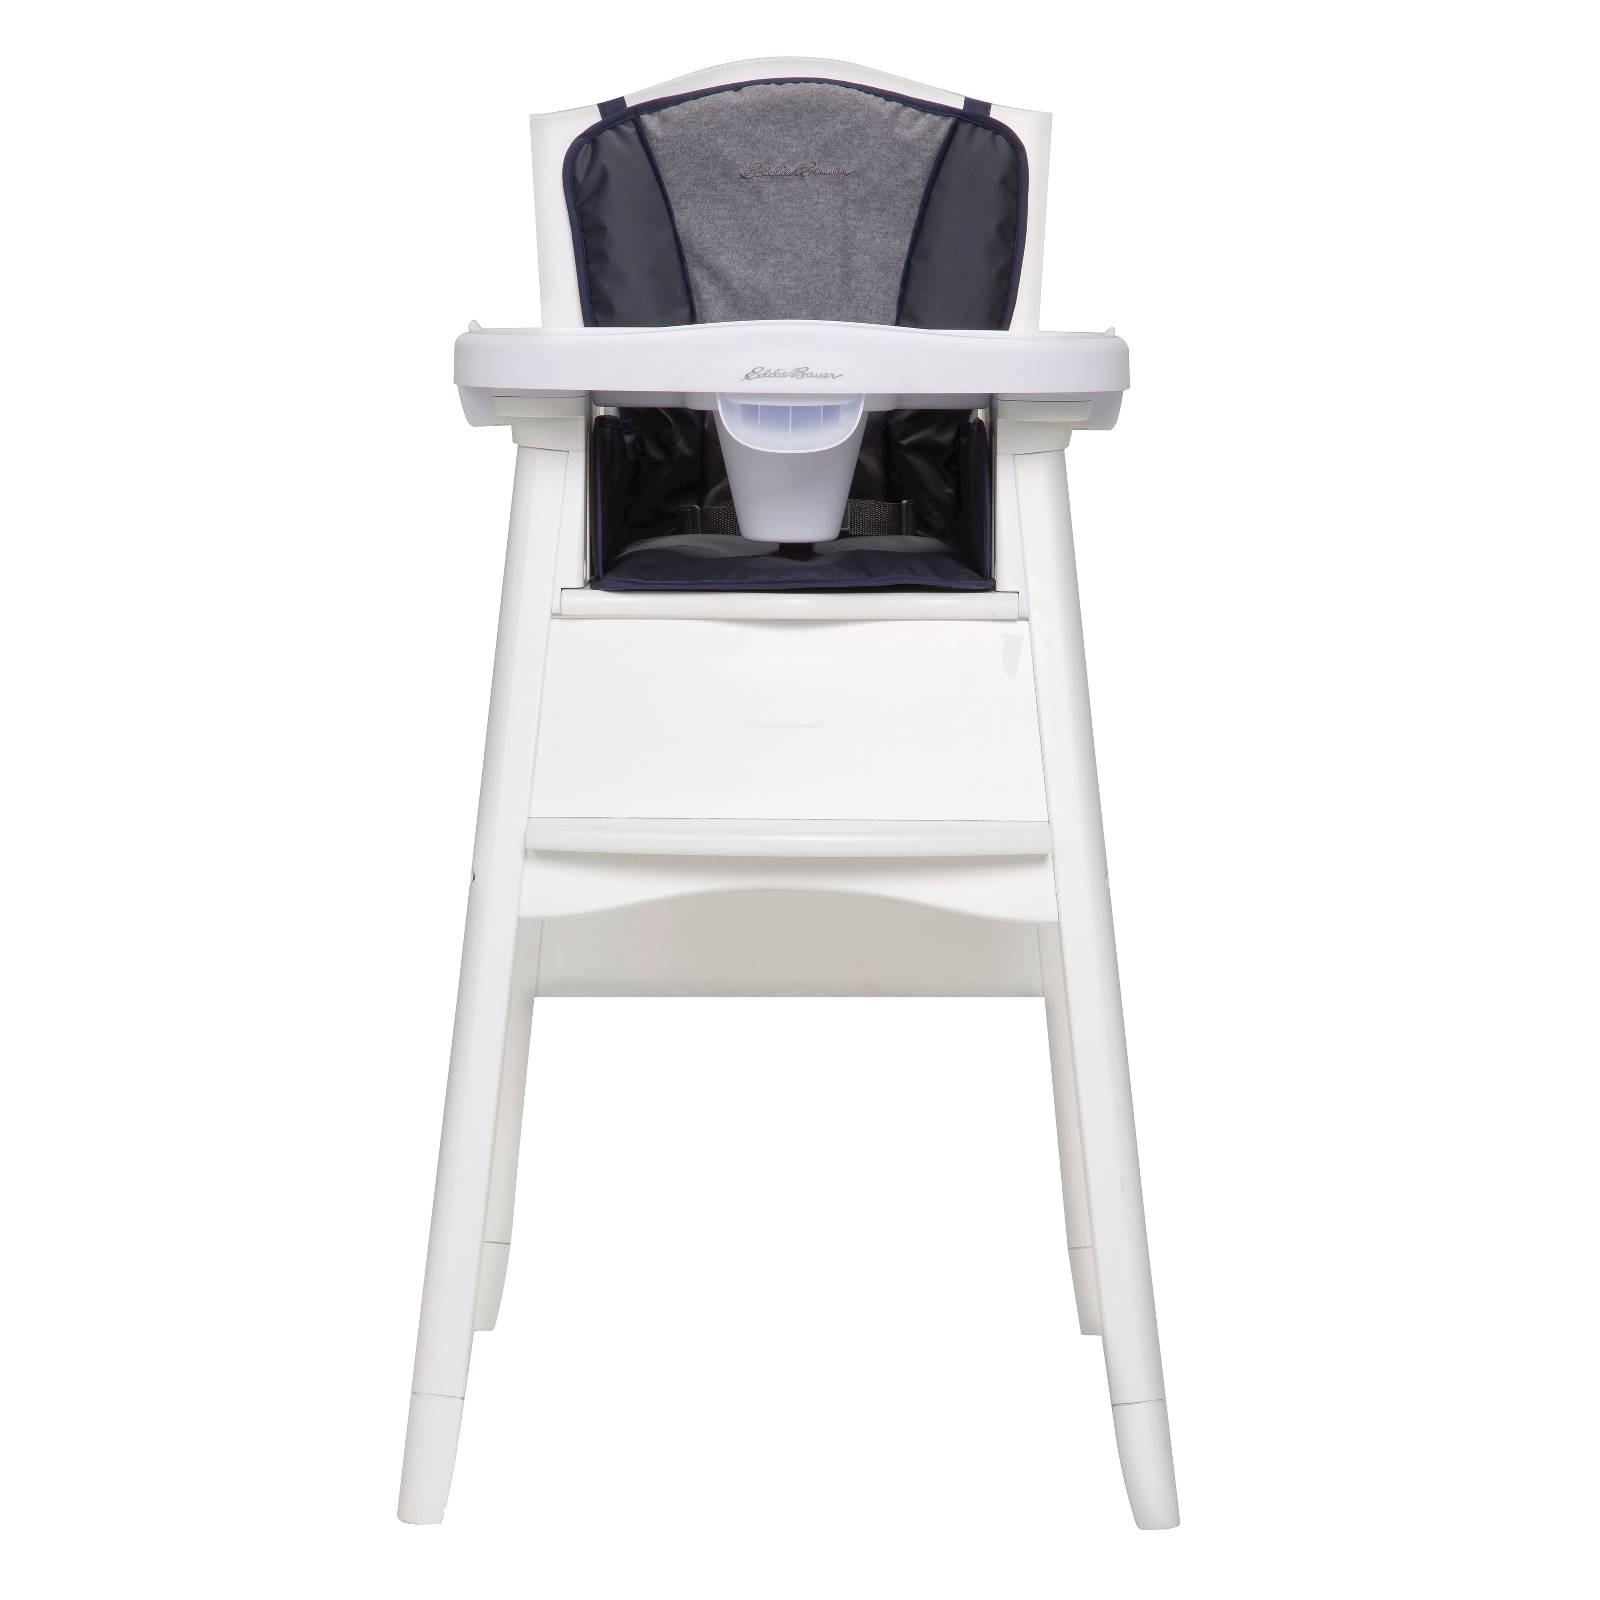 Eddie Bauer High Chair Cover Amazon Eddie Bauer Deluxe 3 In 1 High Chair Ebay